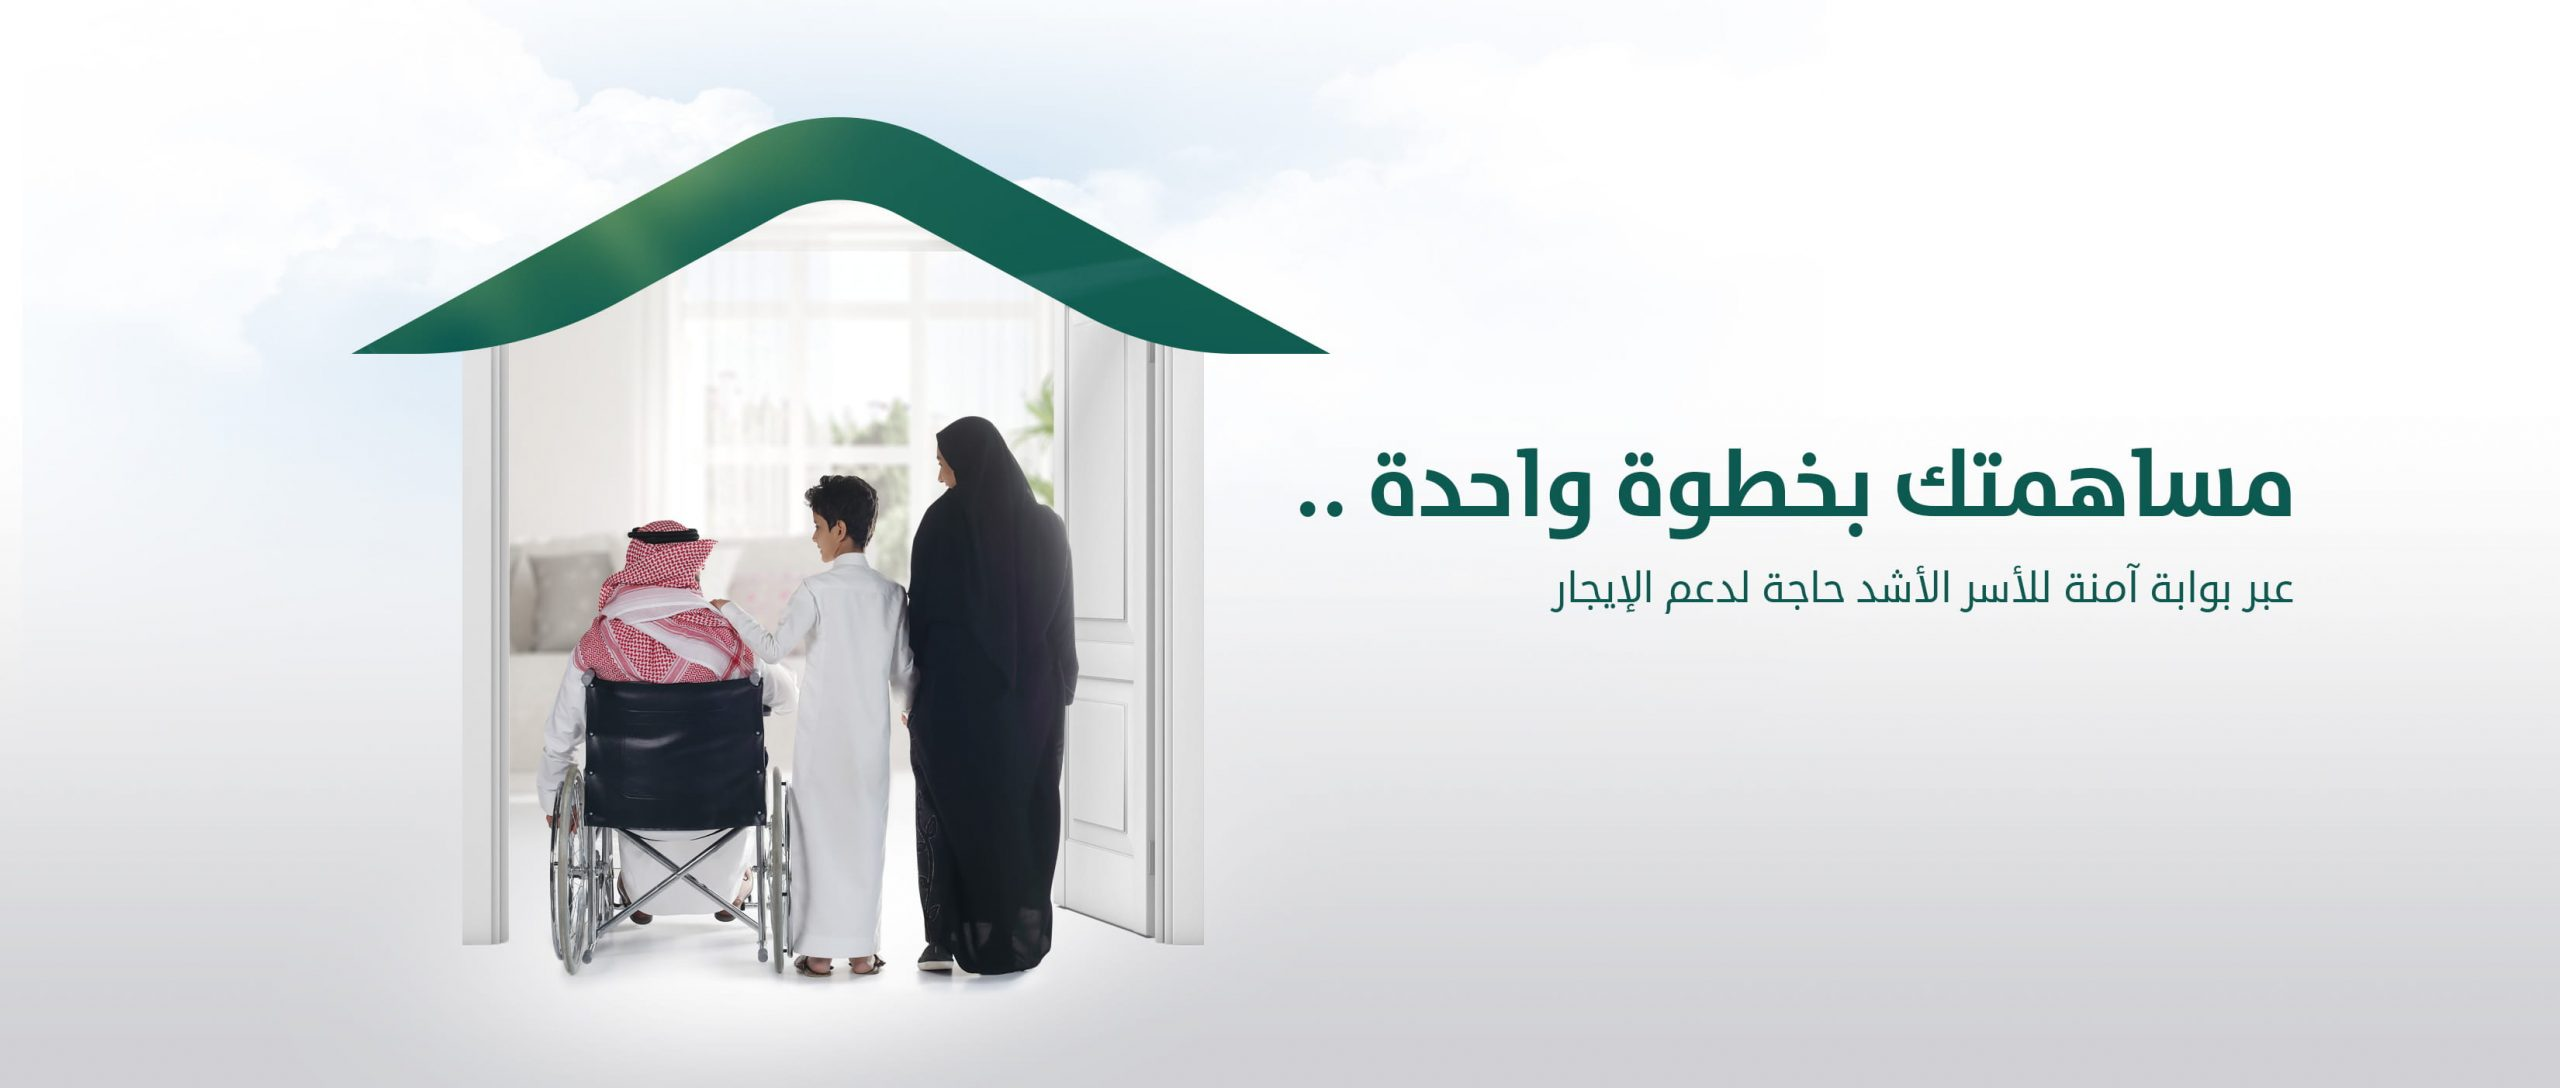 تعرف على الفئات المستحقة لخدمات الدعم من منصة جود للإسكان